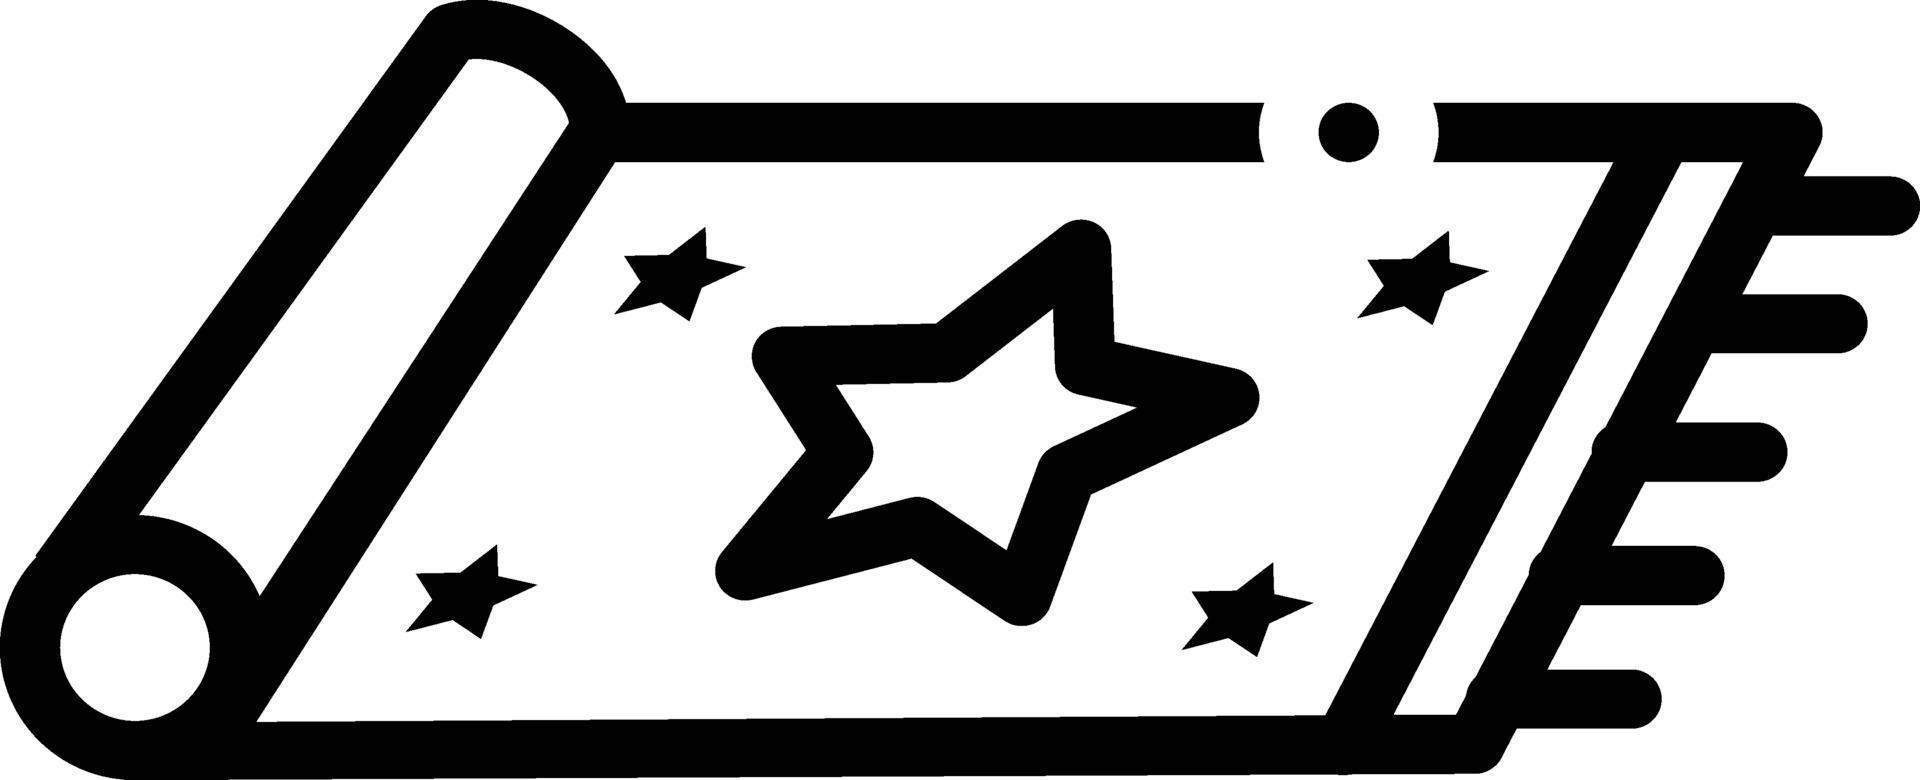 icona linea per tappeto vettore